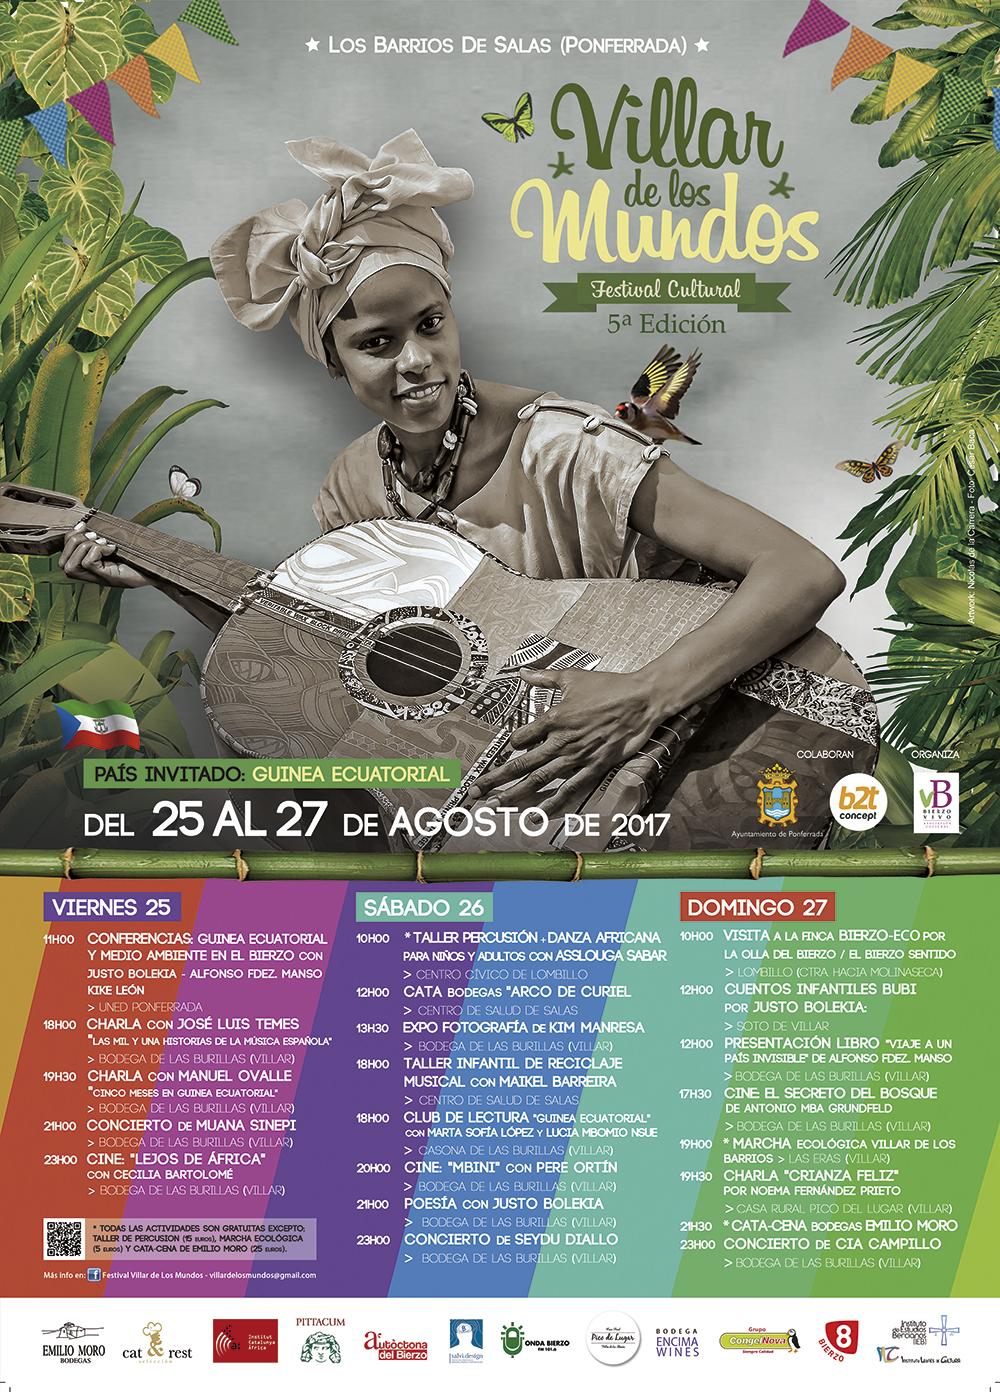 V edición del Festival Villar de Los Mundos. programación 19